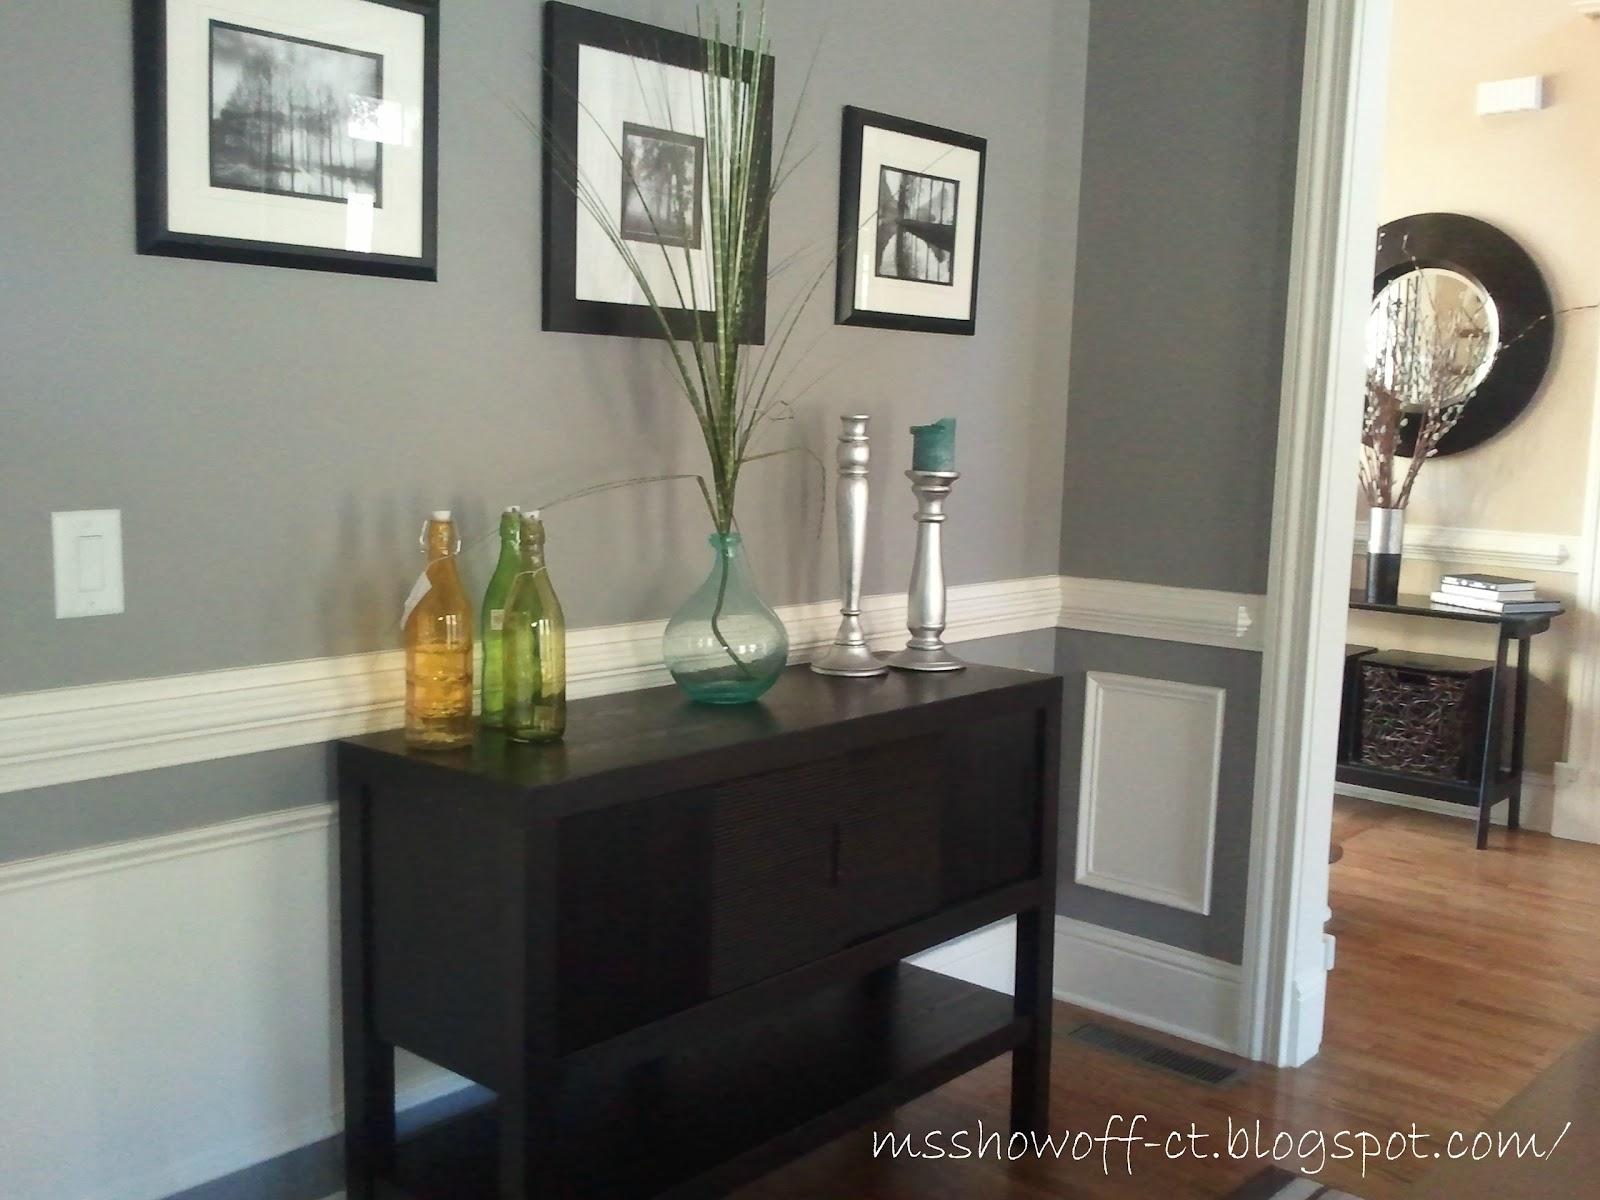 show off dining room progress. Black Bedroom Furniture Sets. Home Design Ideas